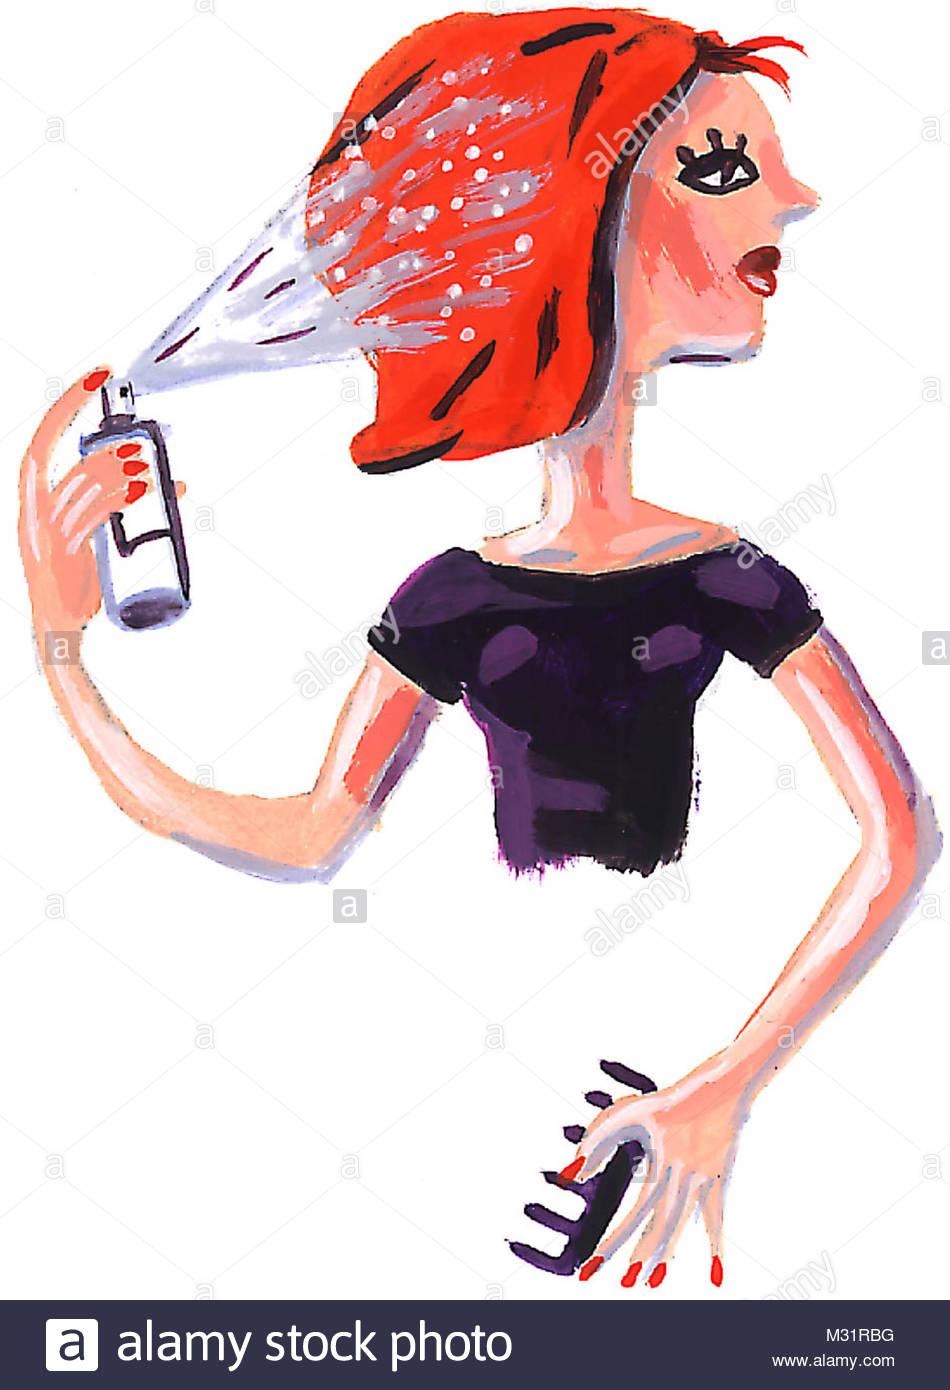 Hair Spray - Stock Image